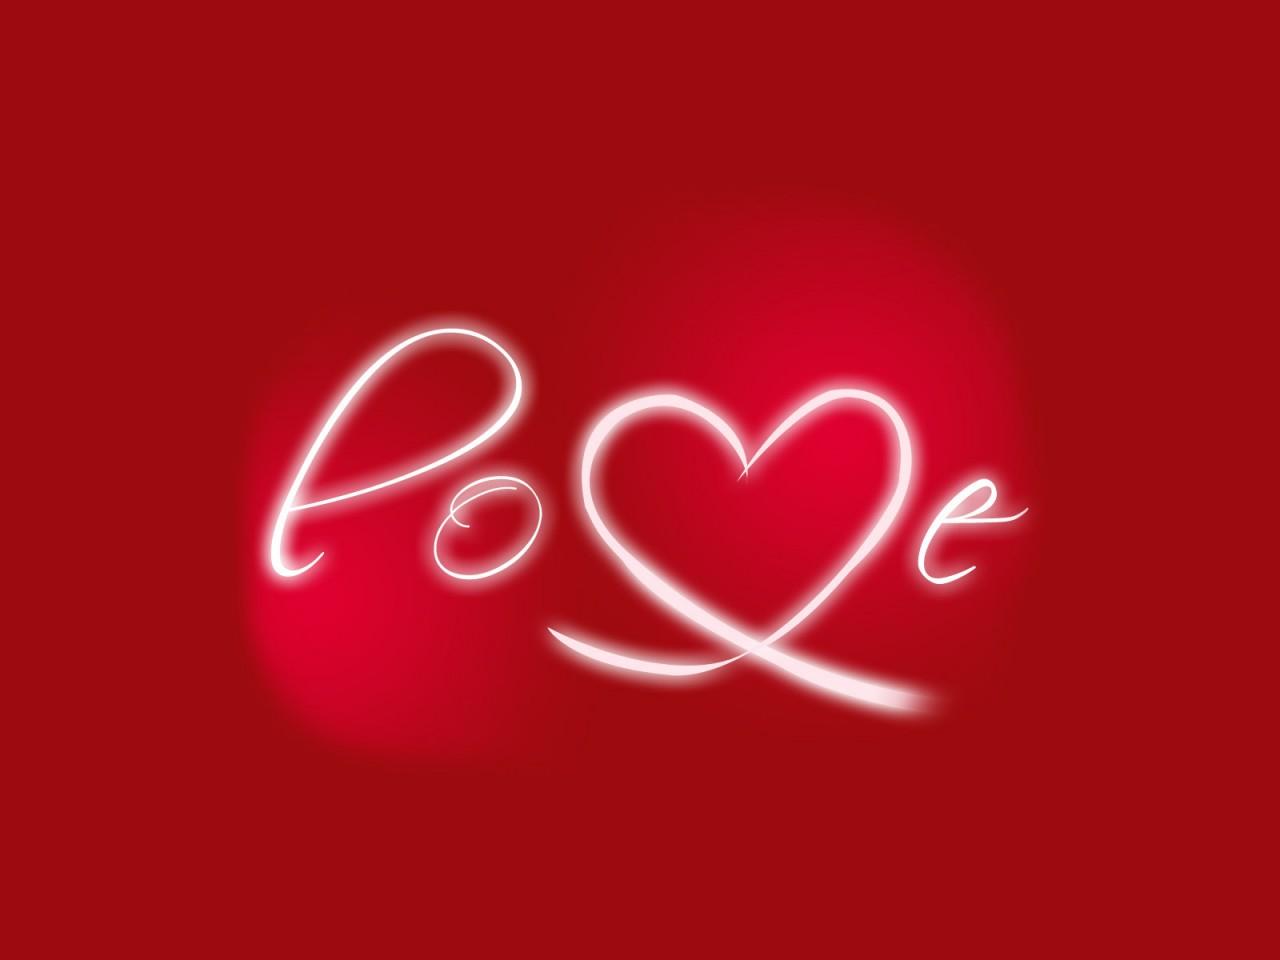 Những hình ảnh tình yêu dễ thương 9